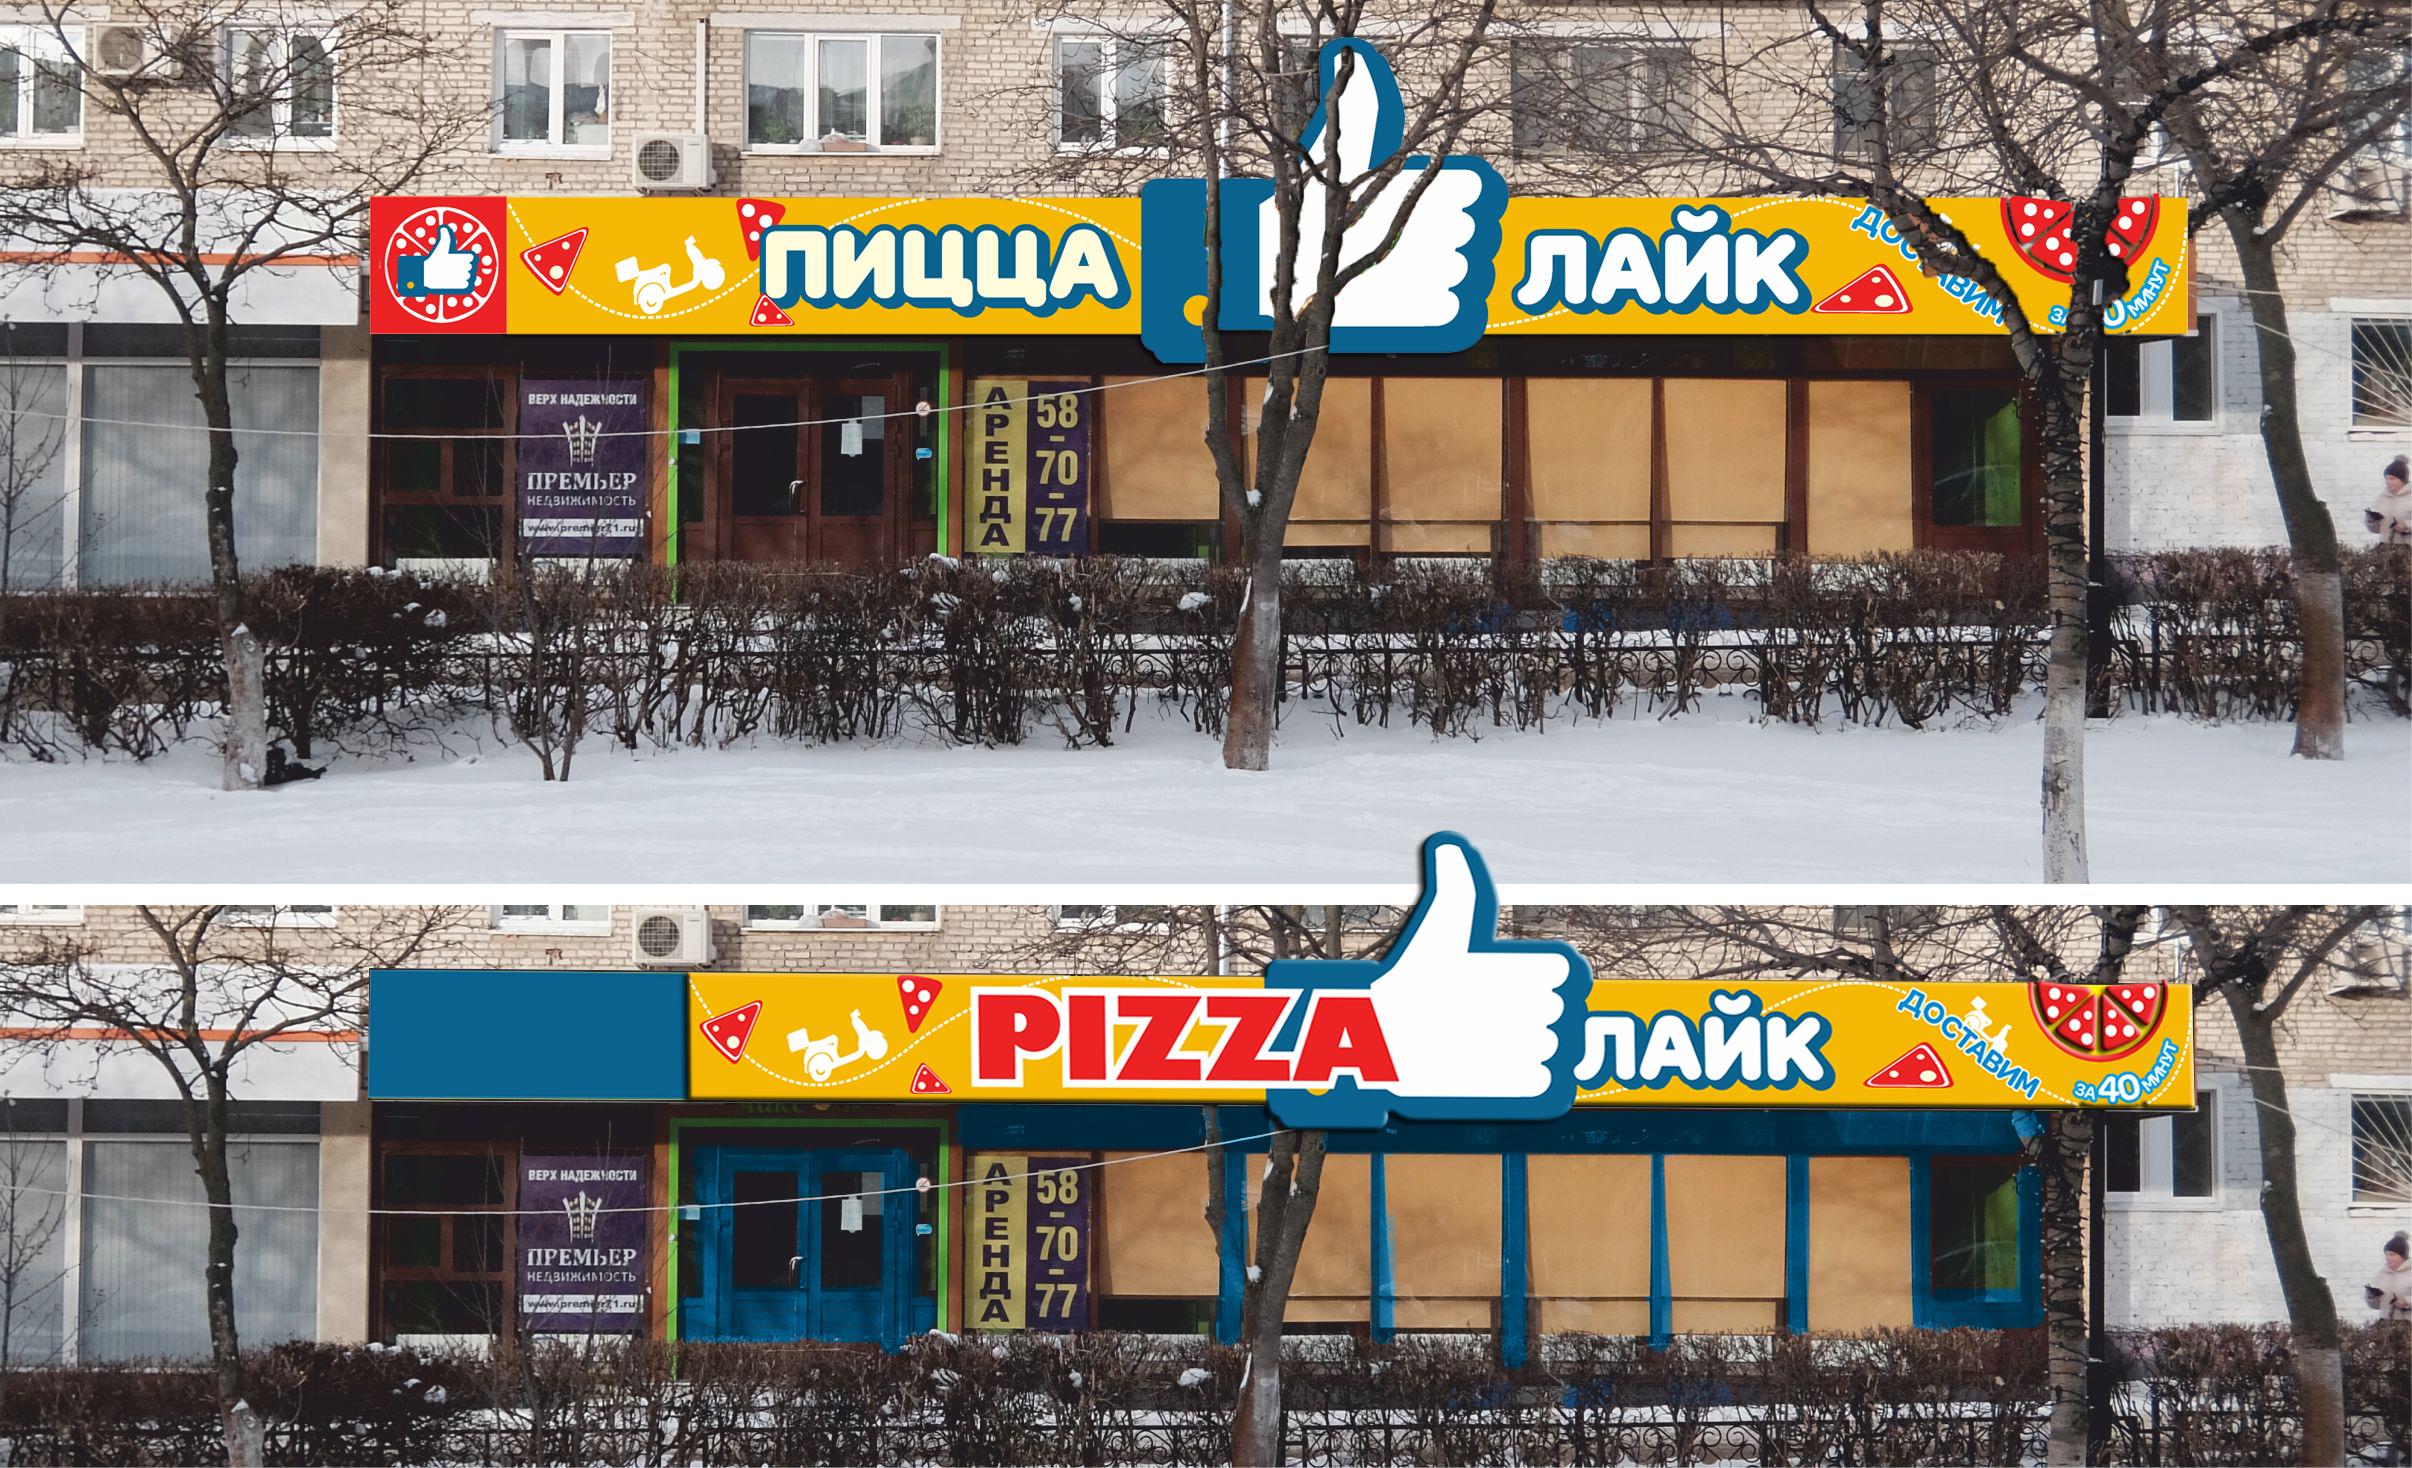 Дизайн уличного козырька с вывеской для пиццерии фото f_96858733111c891c.jpg